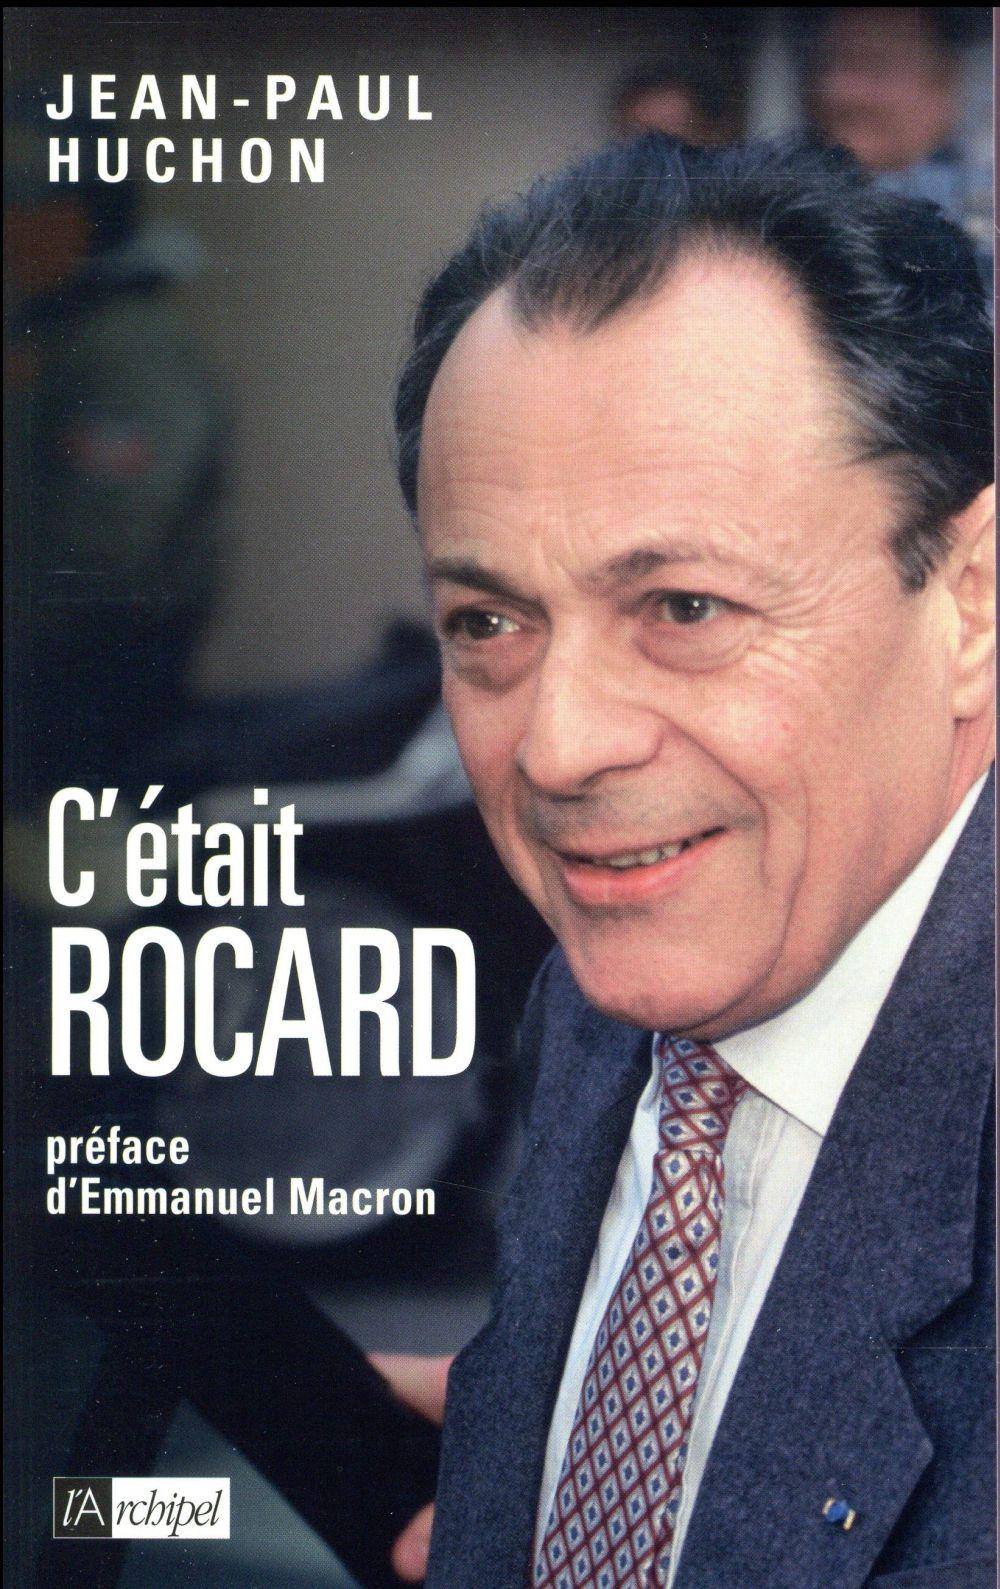 C'ETAIT ROCARD